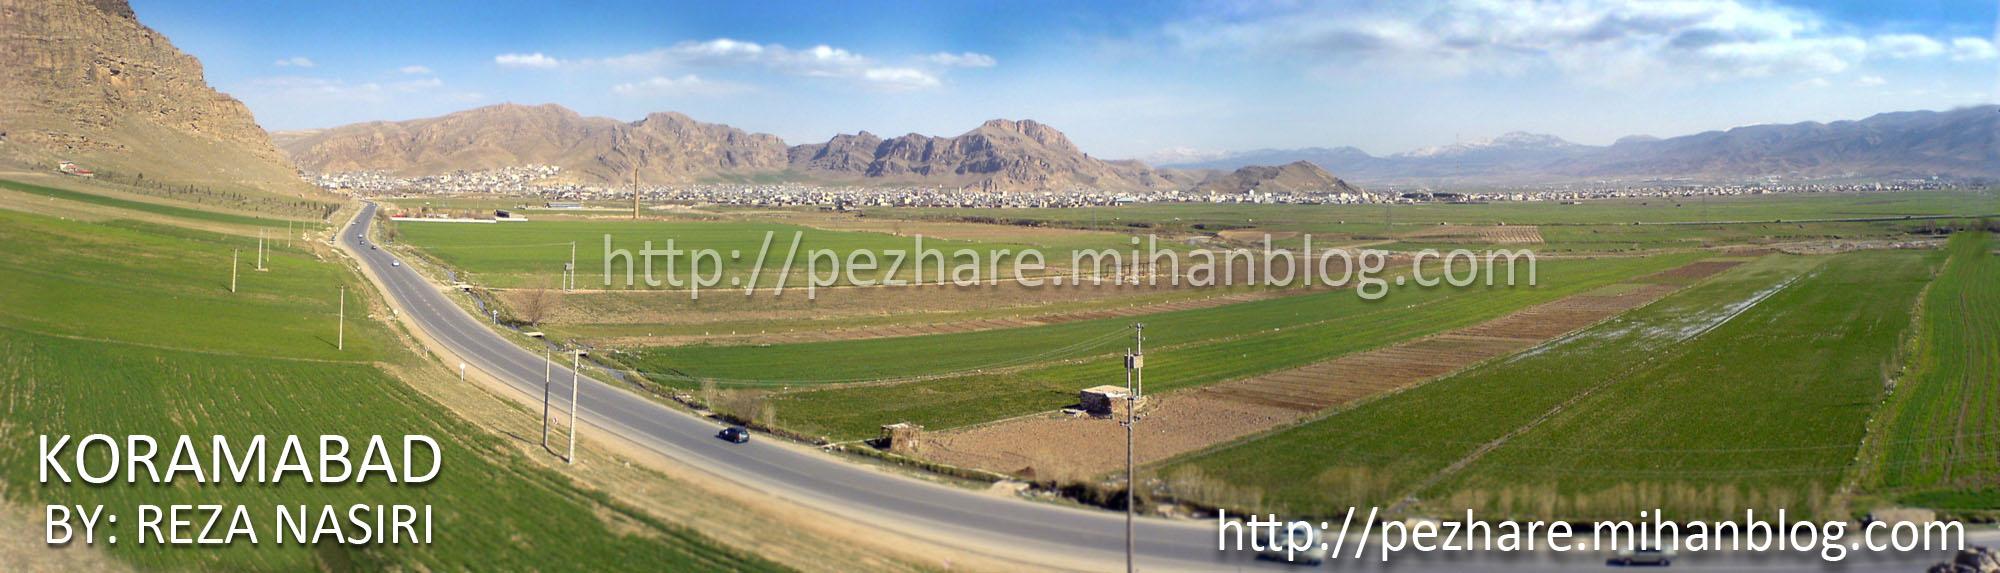 ورودی شهر خرم آباد از سمت جنوب